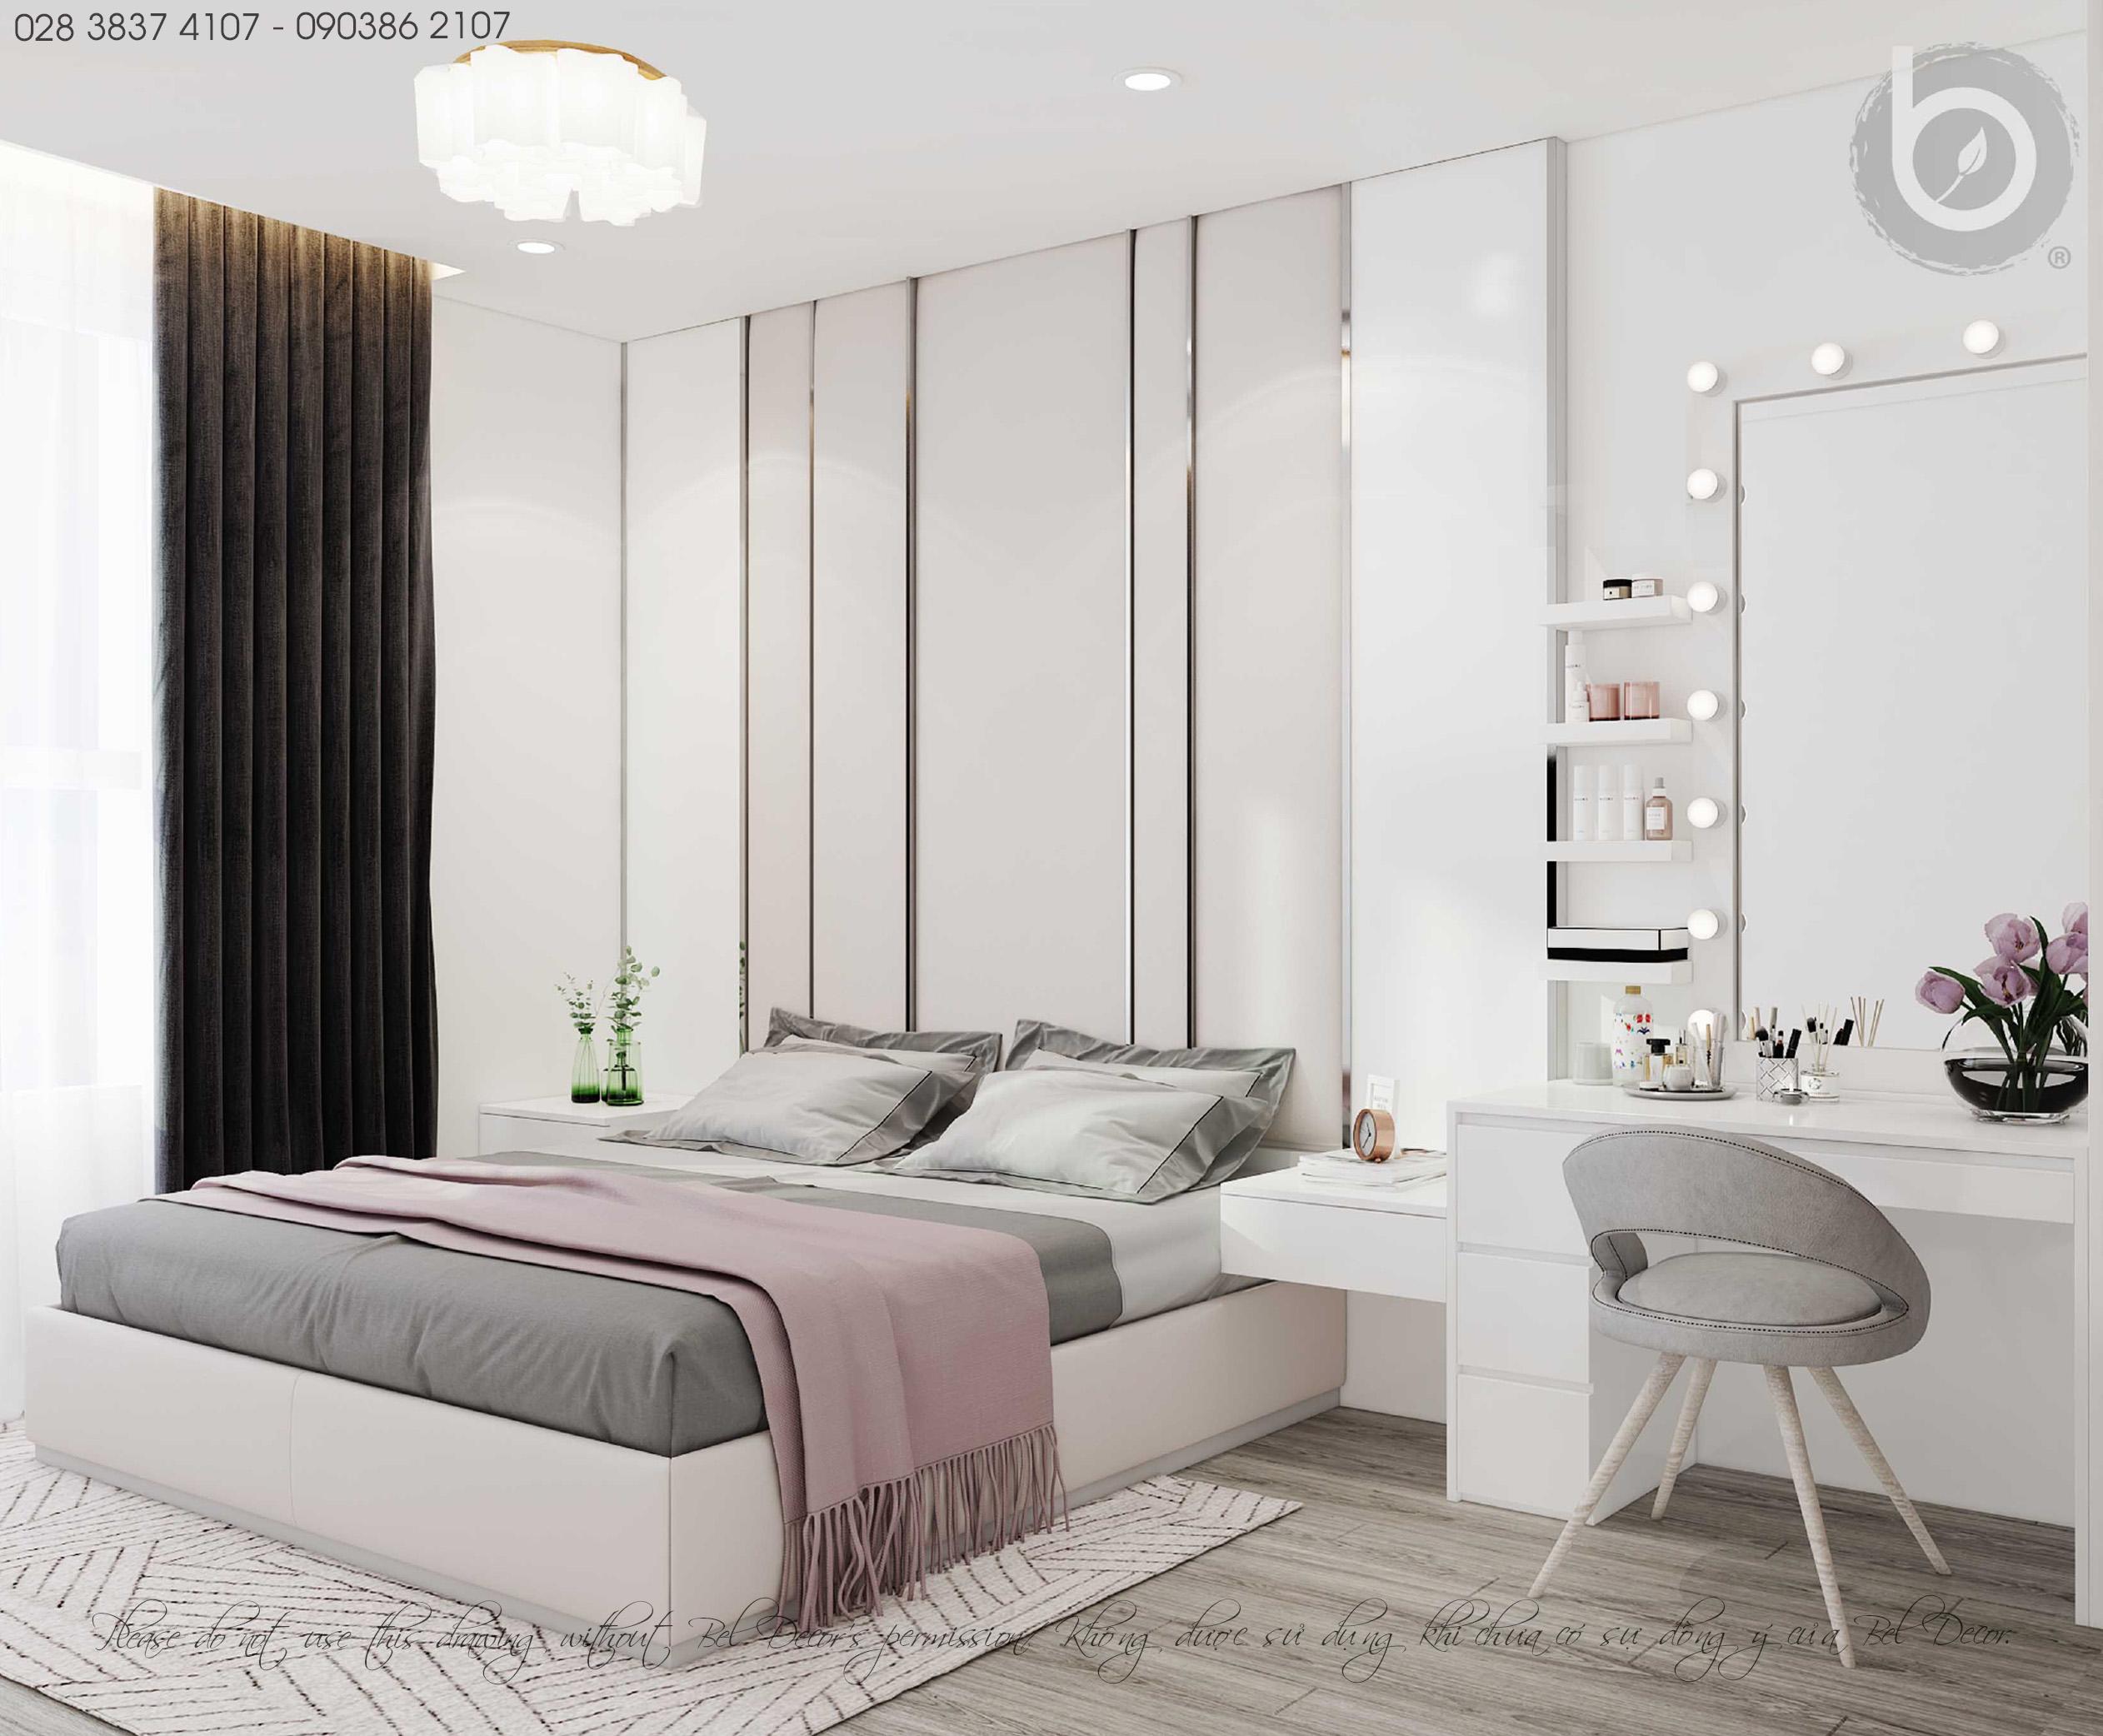 thiết kế nội thất chung cư tại Hồ Chí Minh THIẾT KẾ NỘI THẤT CĂN HỘ (HO1893) 6 1562656155